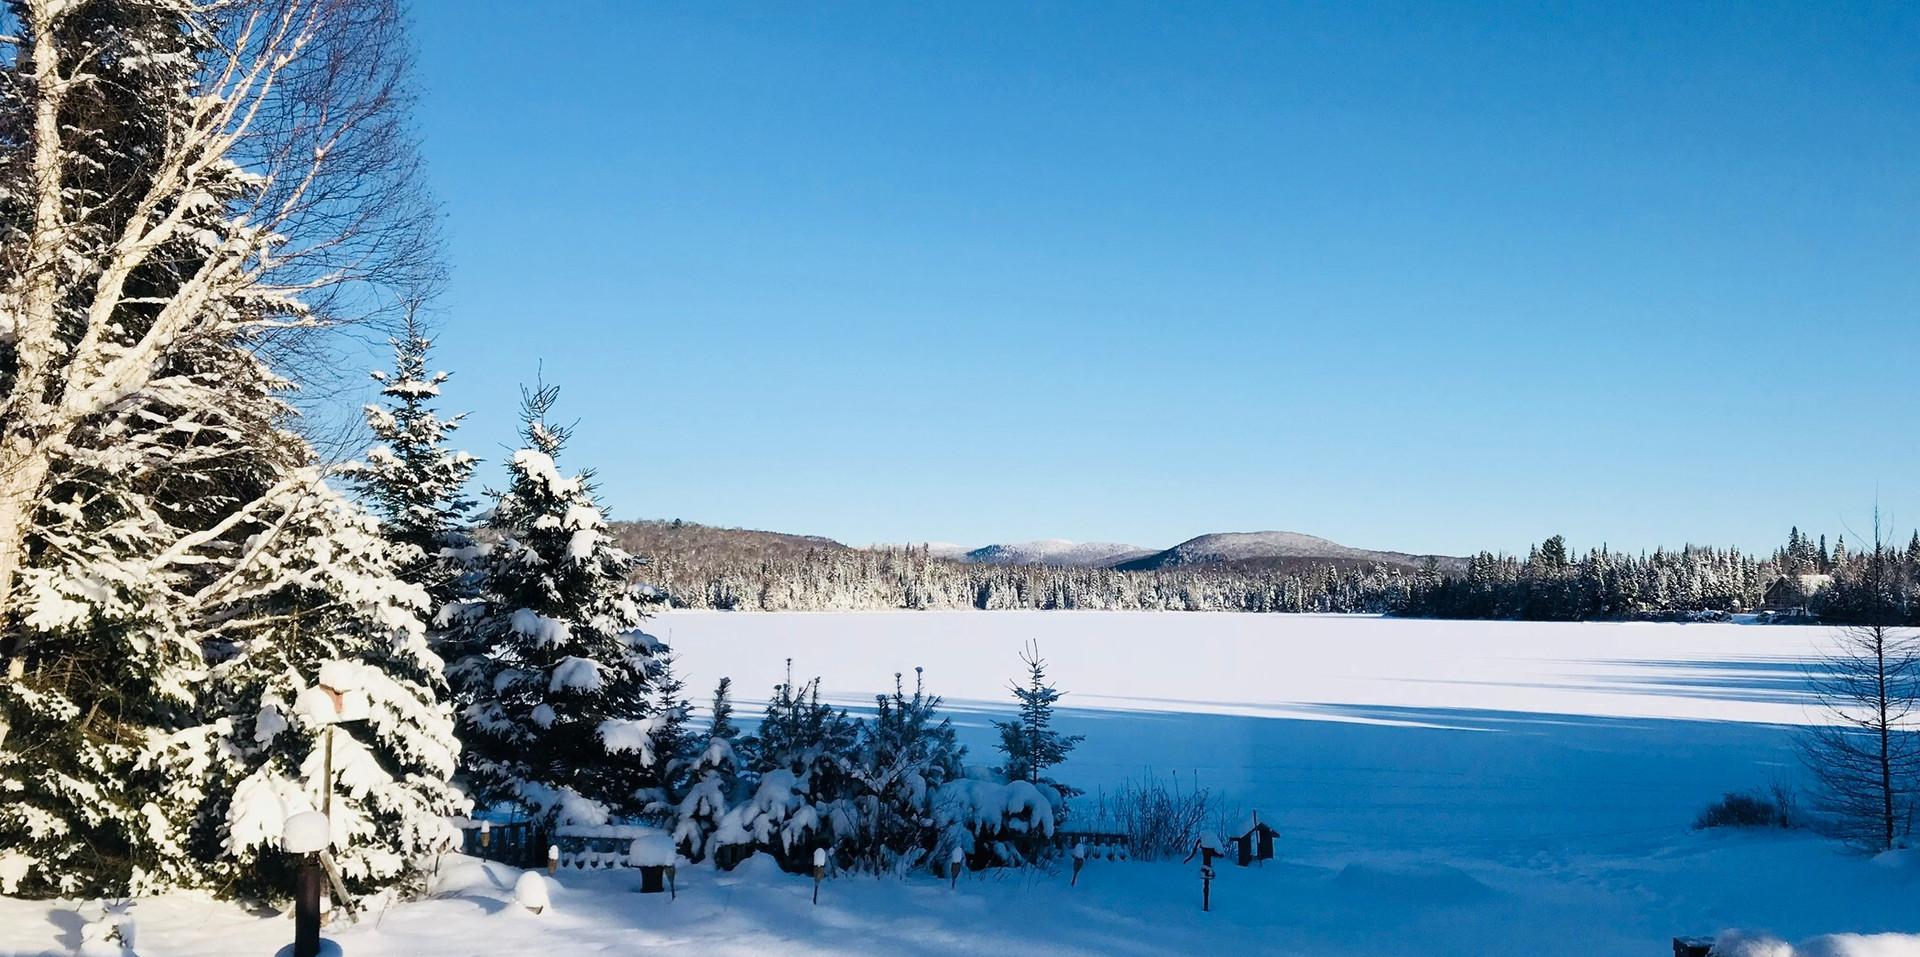 Chalet à louer au Québec | face au lac | 4 saisons Le Cocooning L'Ascension | Vue de l'intérieur